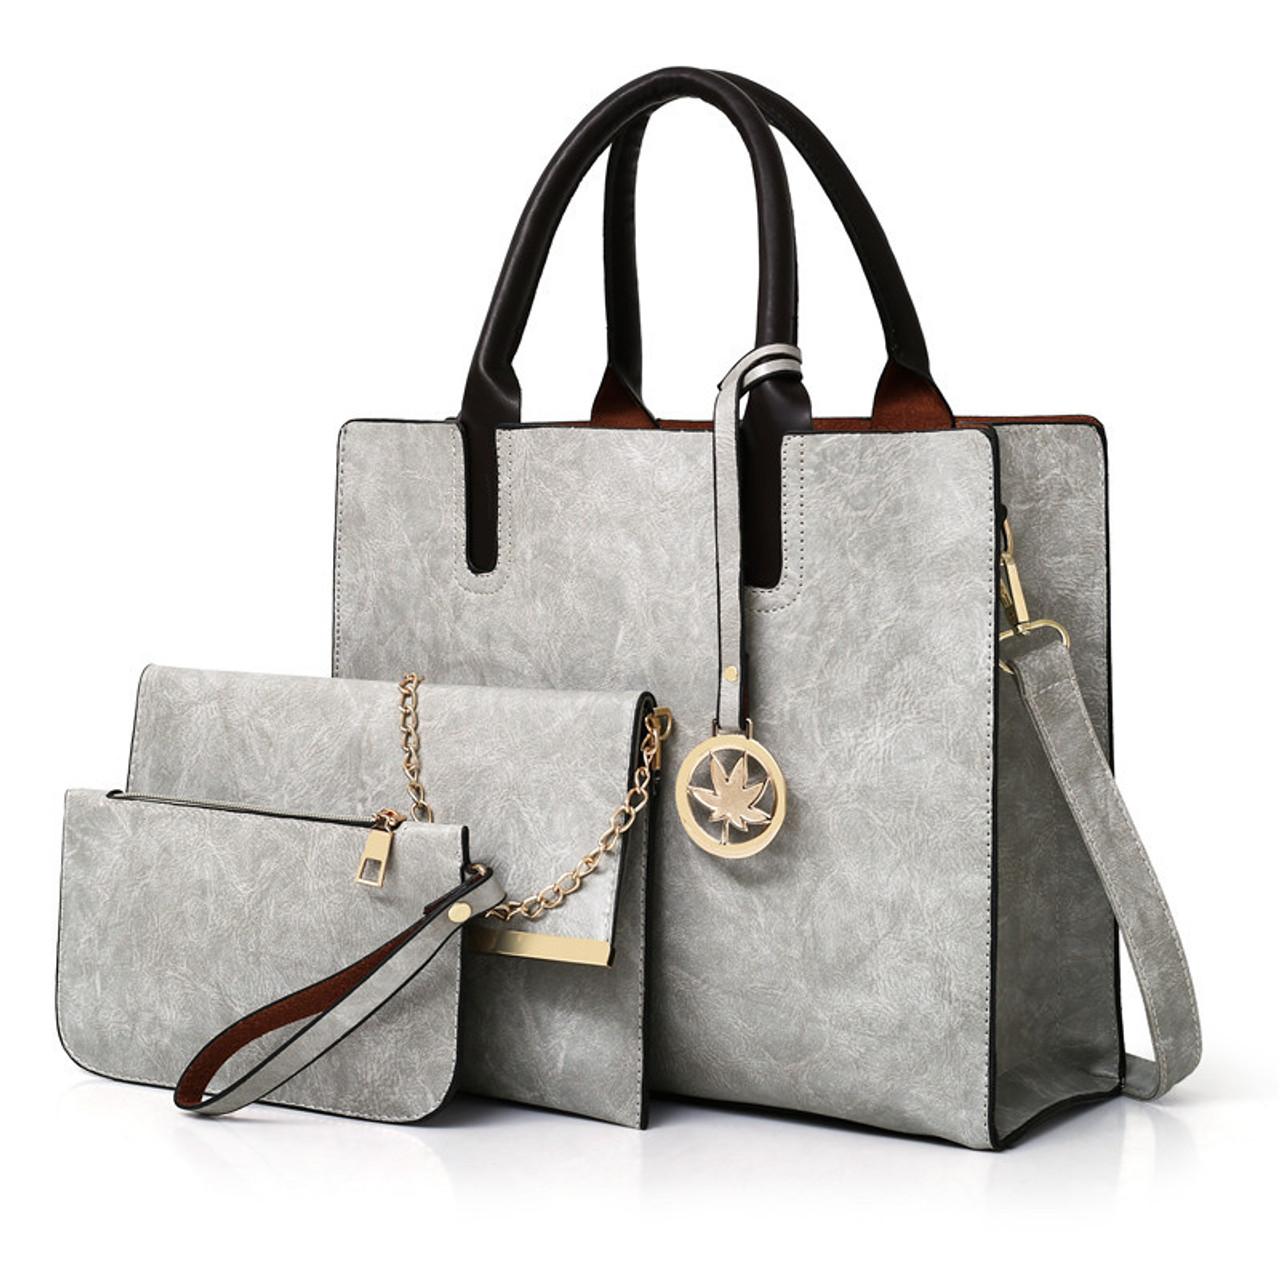 fccf0e36a49 ATAXZOME 3Pcs/Set Composite women Tote Shoulder bags Large luxury handbags  designer famous brand PU Leather Big bag Female Purse